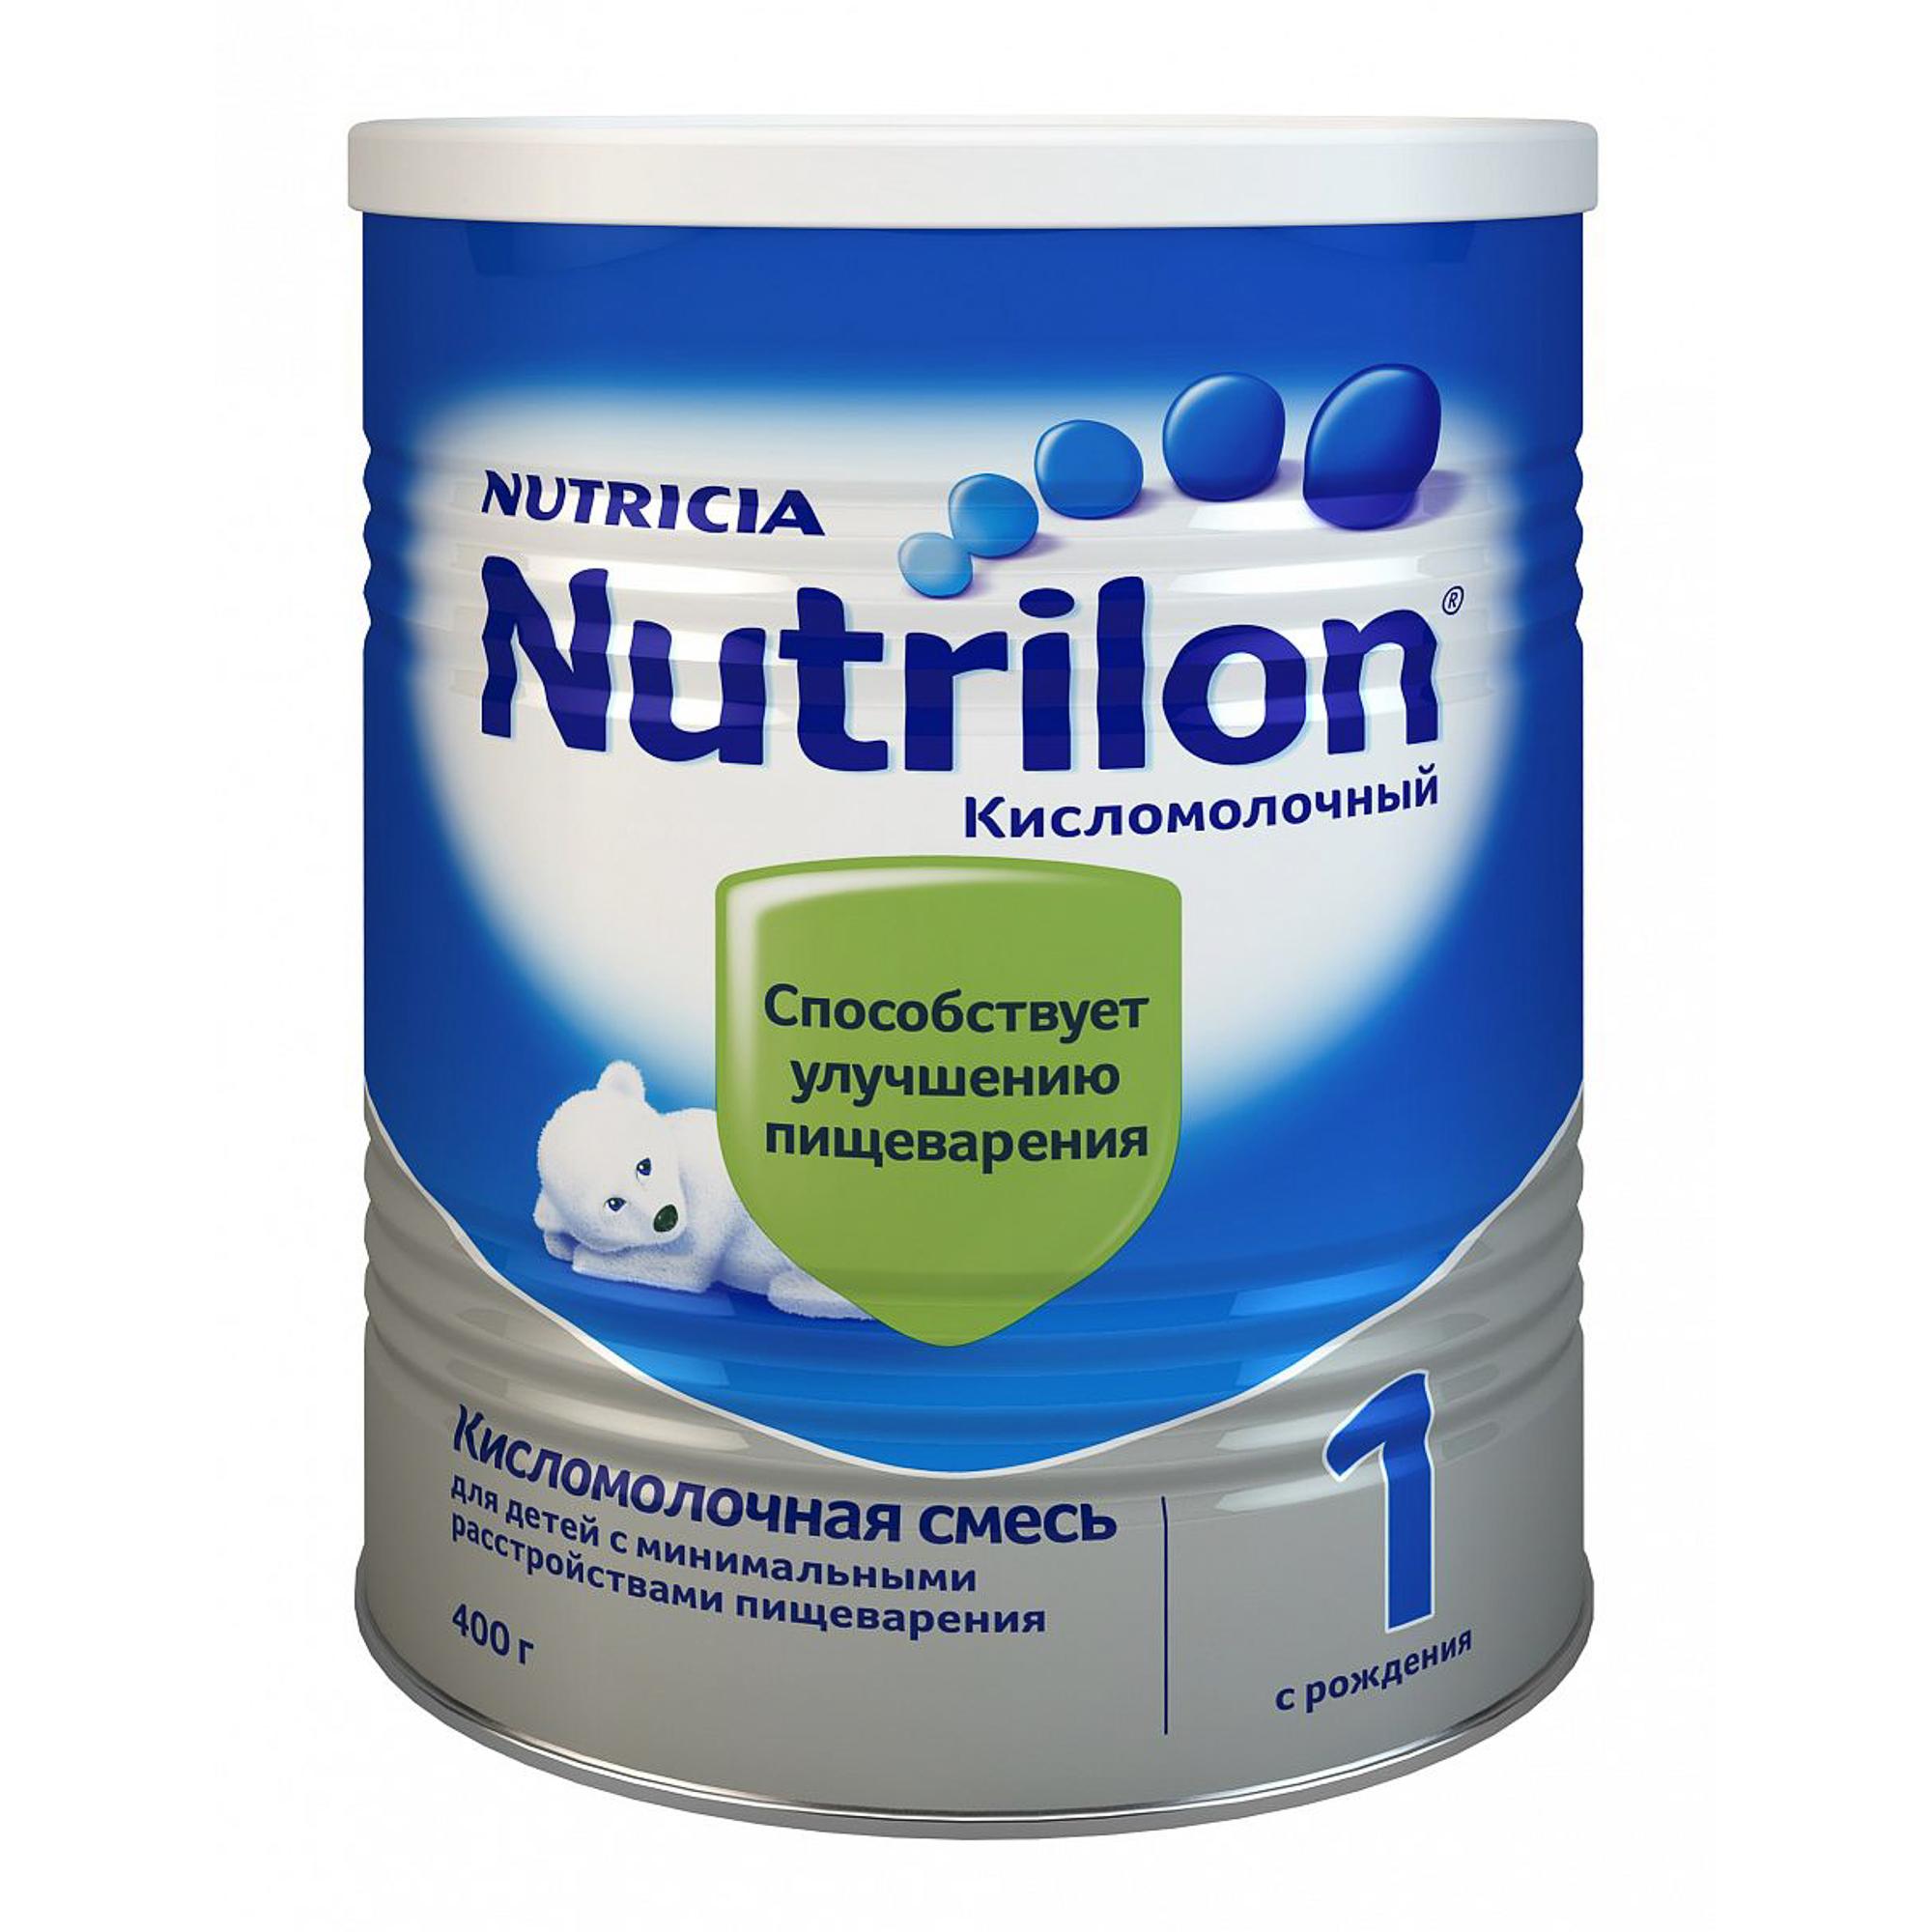 Смесь кисломолочная Nutrilon 1 с рождения 400 г молочная смесь nutricia nutrilon nutricia 1 premium c рождения 800 г